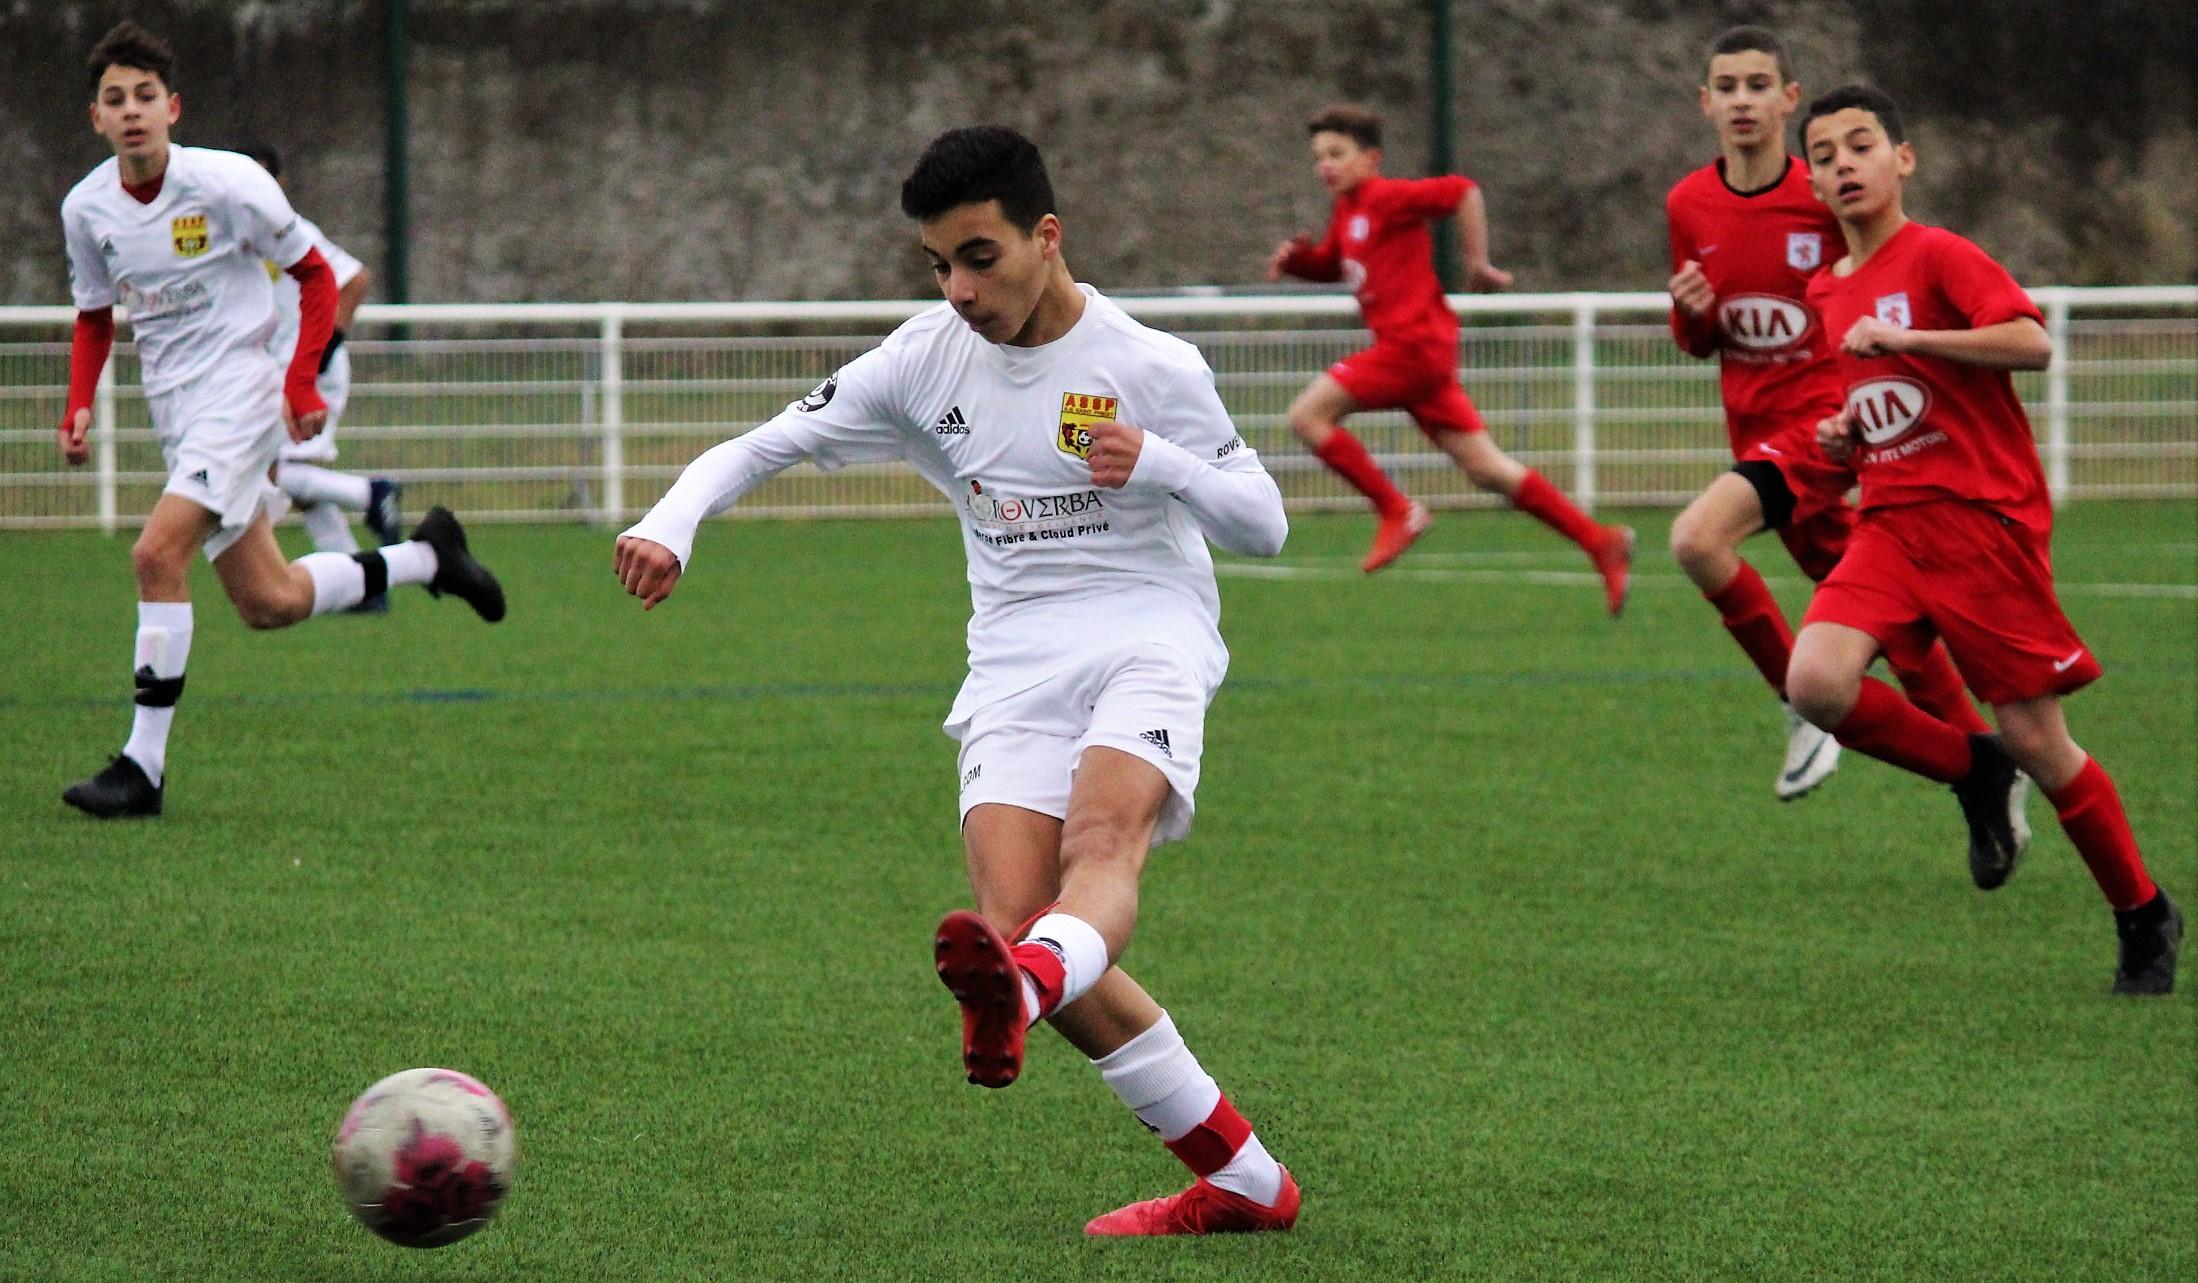 Galerie photos AS Saint-Priest - FC Lyon (U13, amical) par Robert Ageron